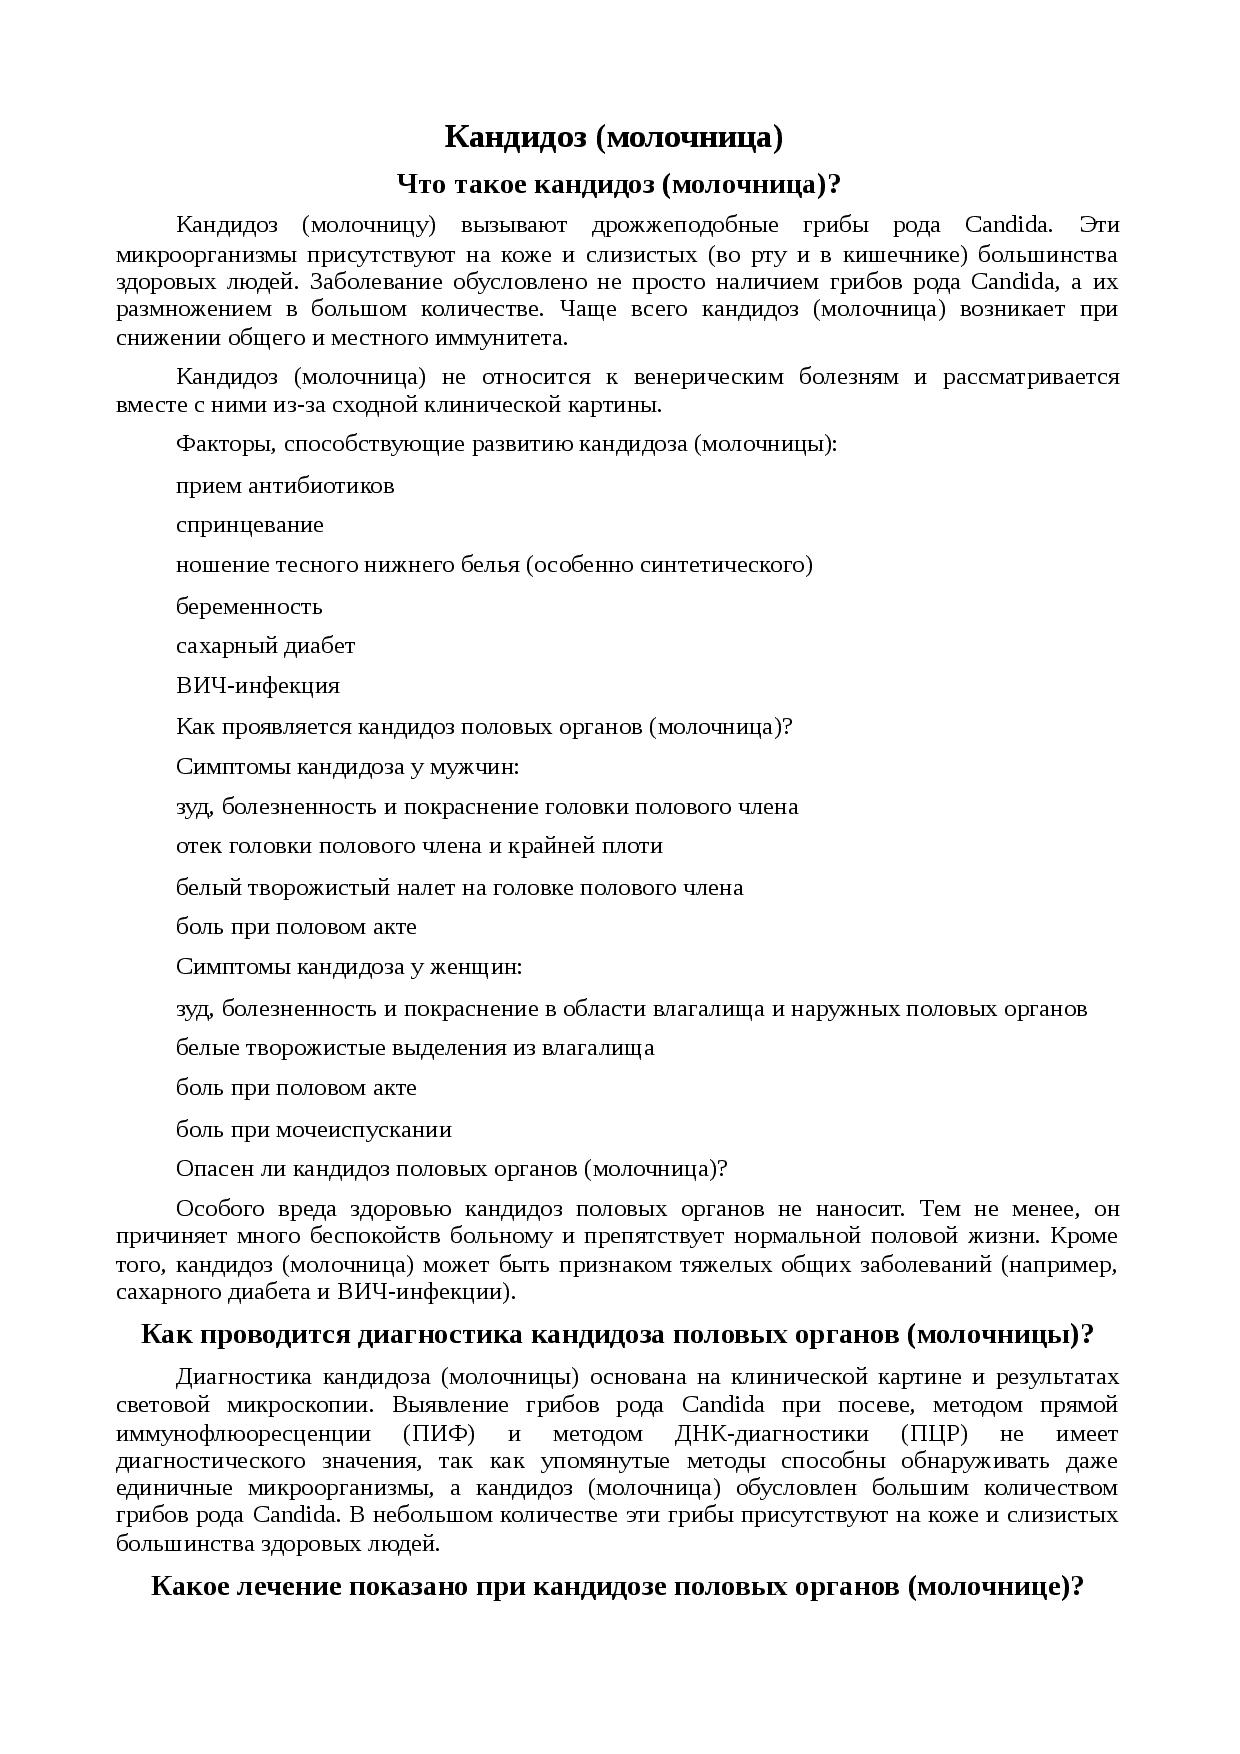 Причины и лечение белого налета на члене и крайней плоти